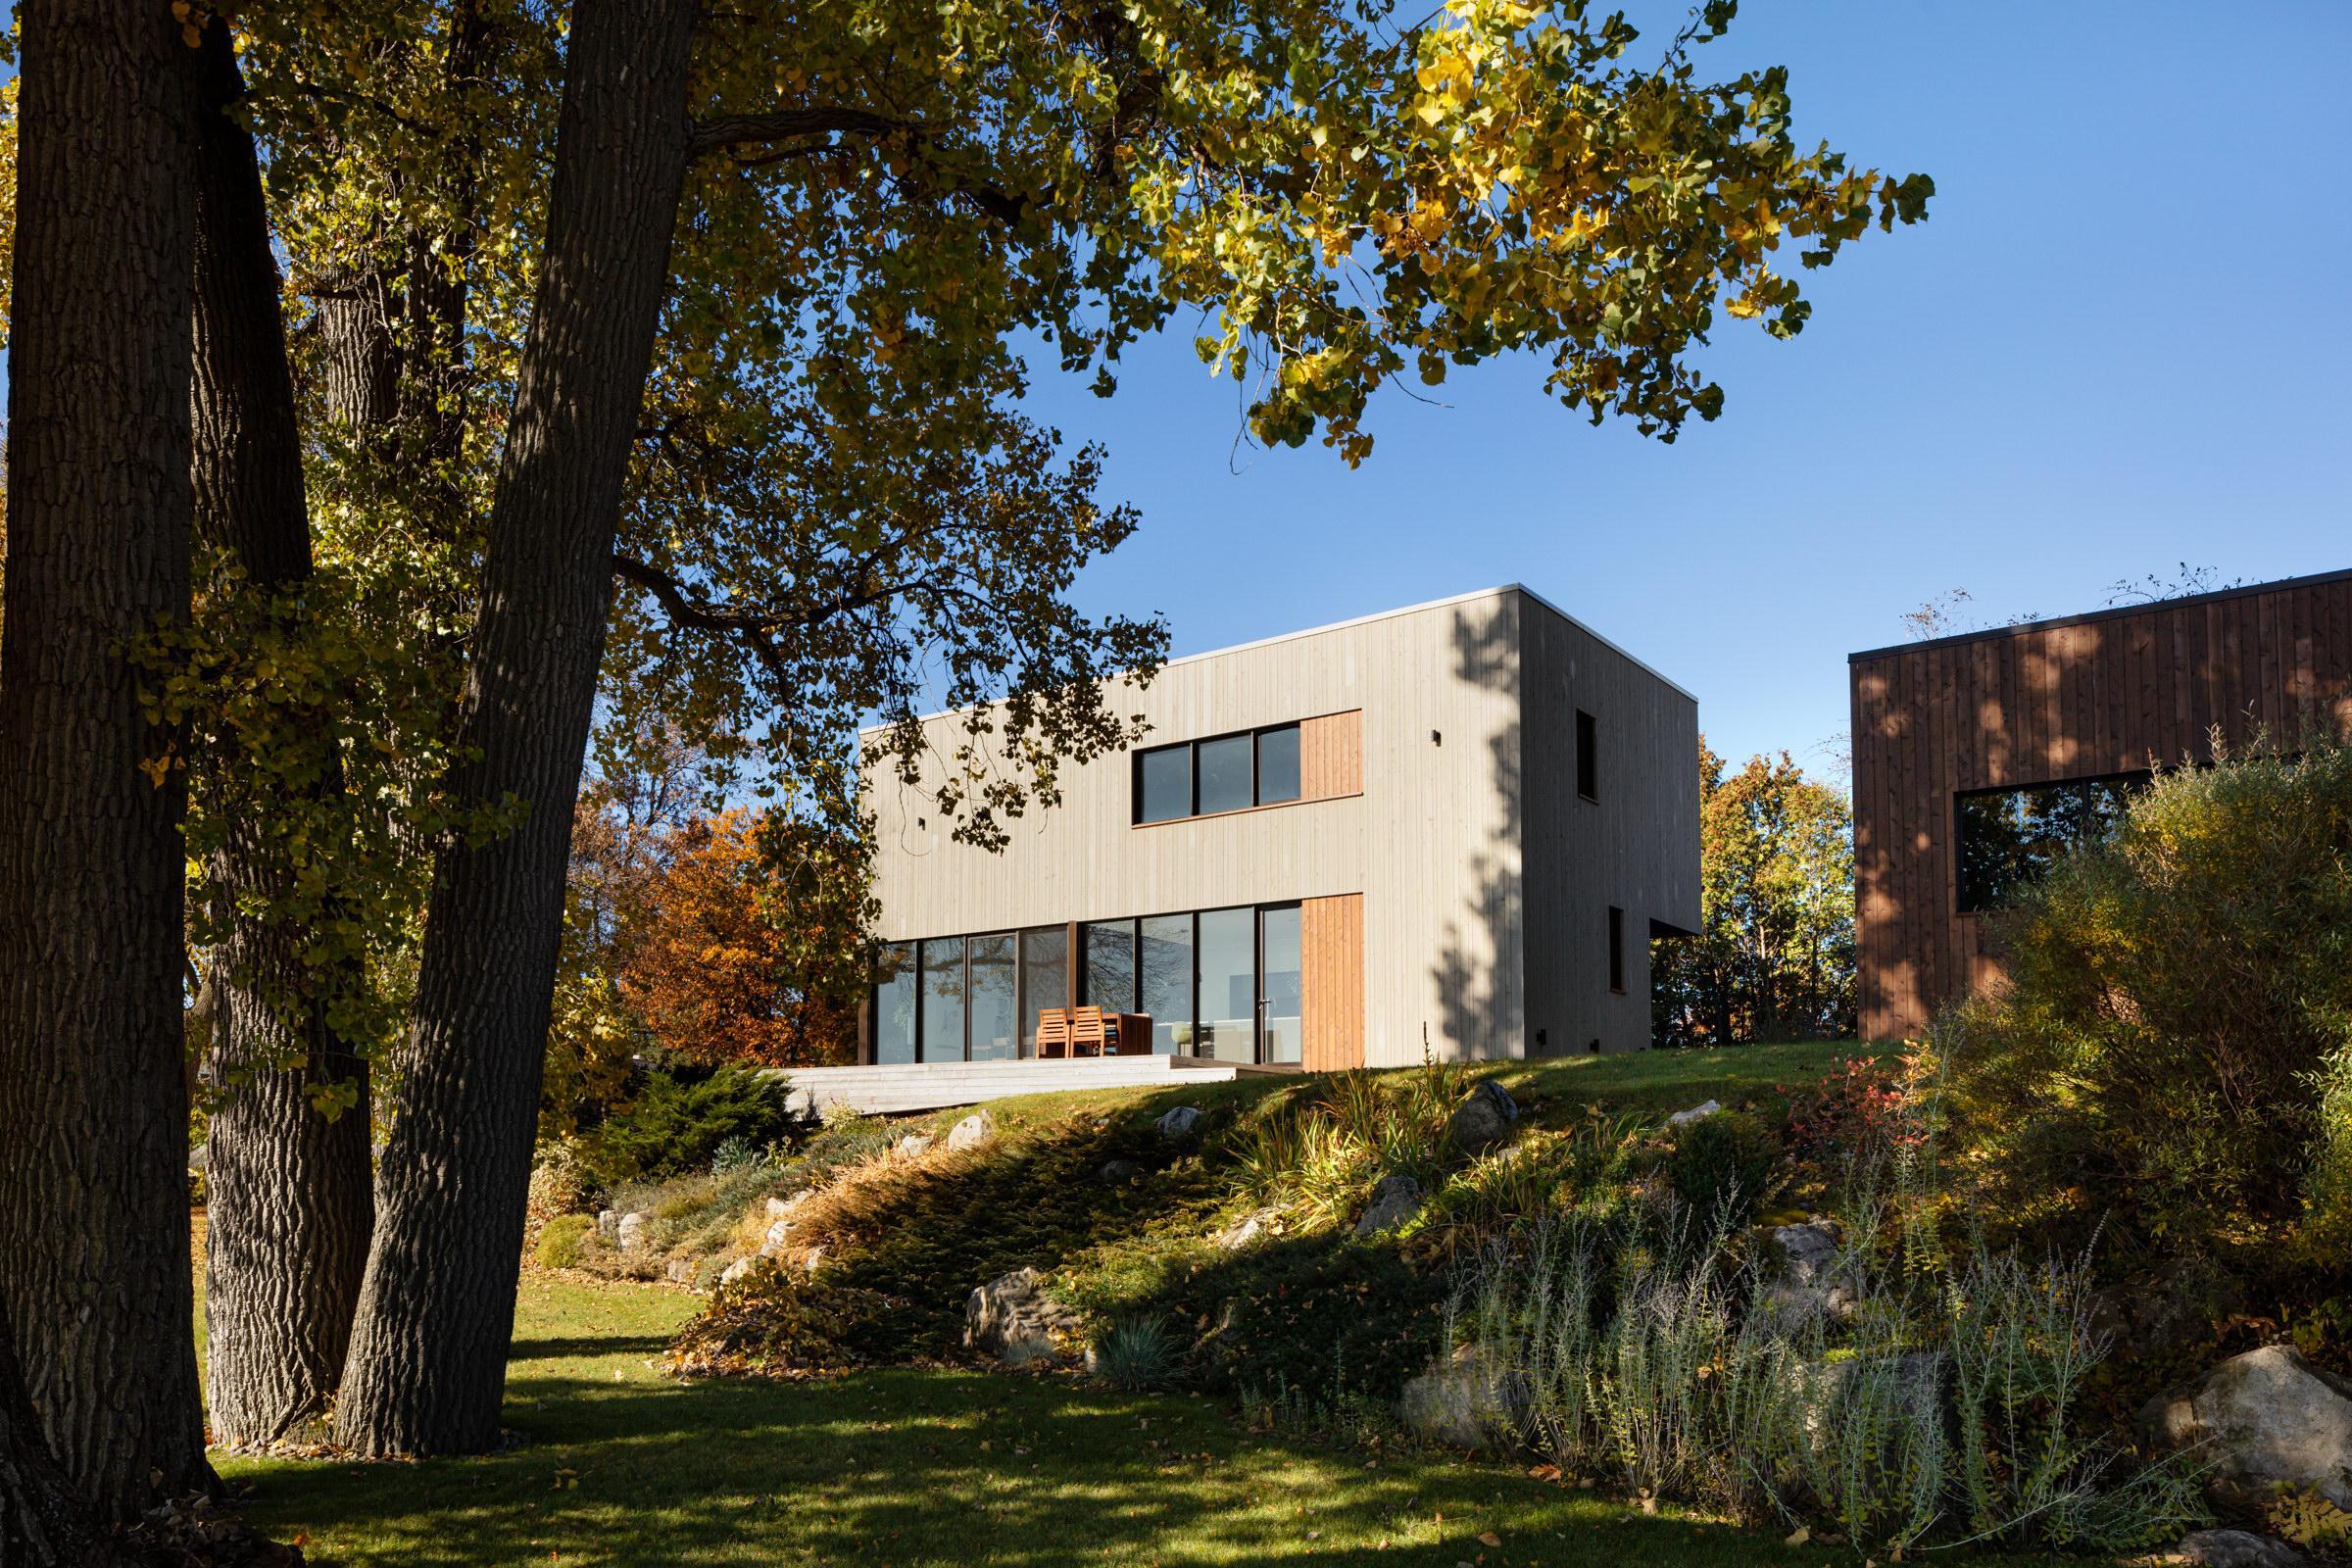 St. Ignace Residence by Nathalie Thibodeau Architecte